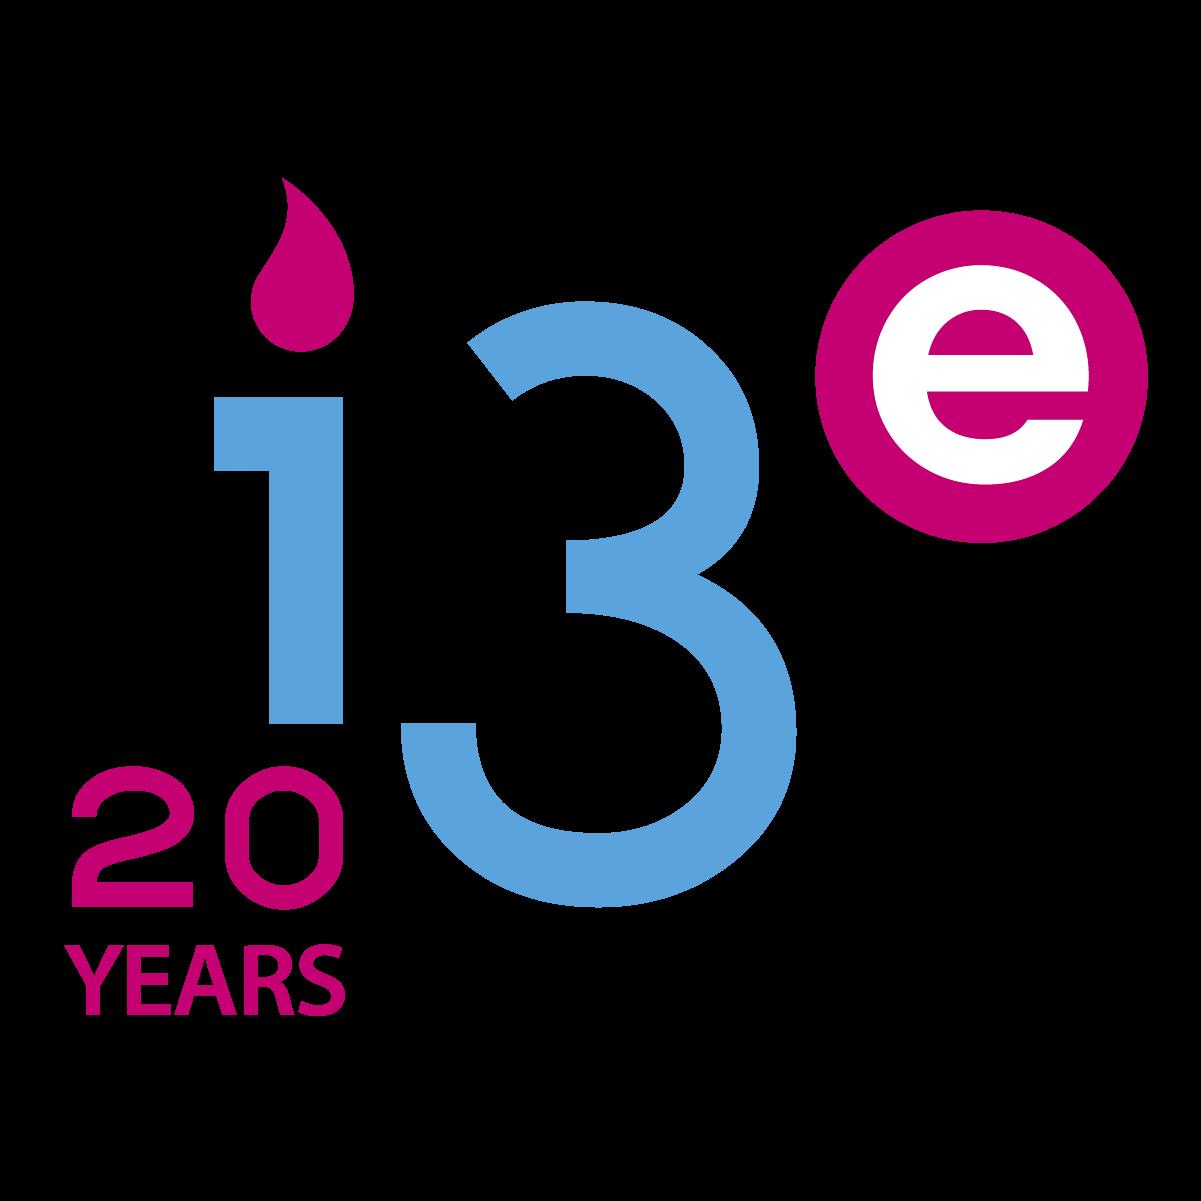 Logo aniversario 20 años I3E